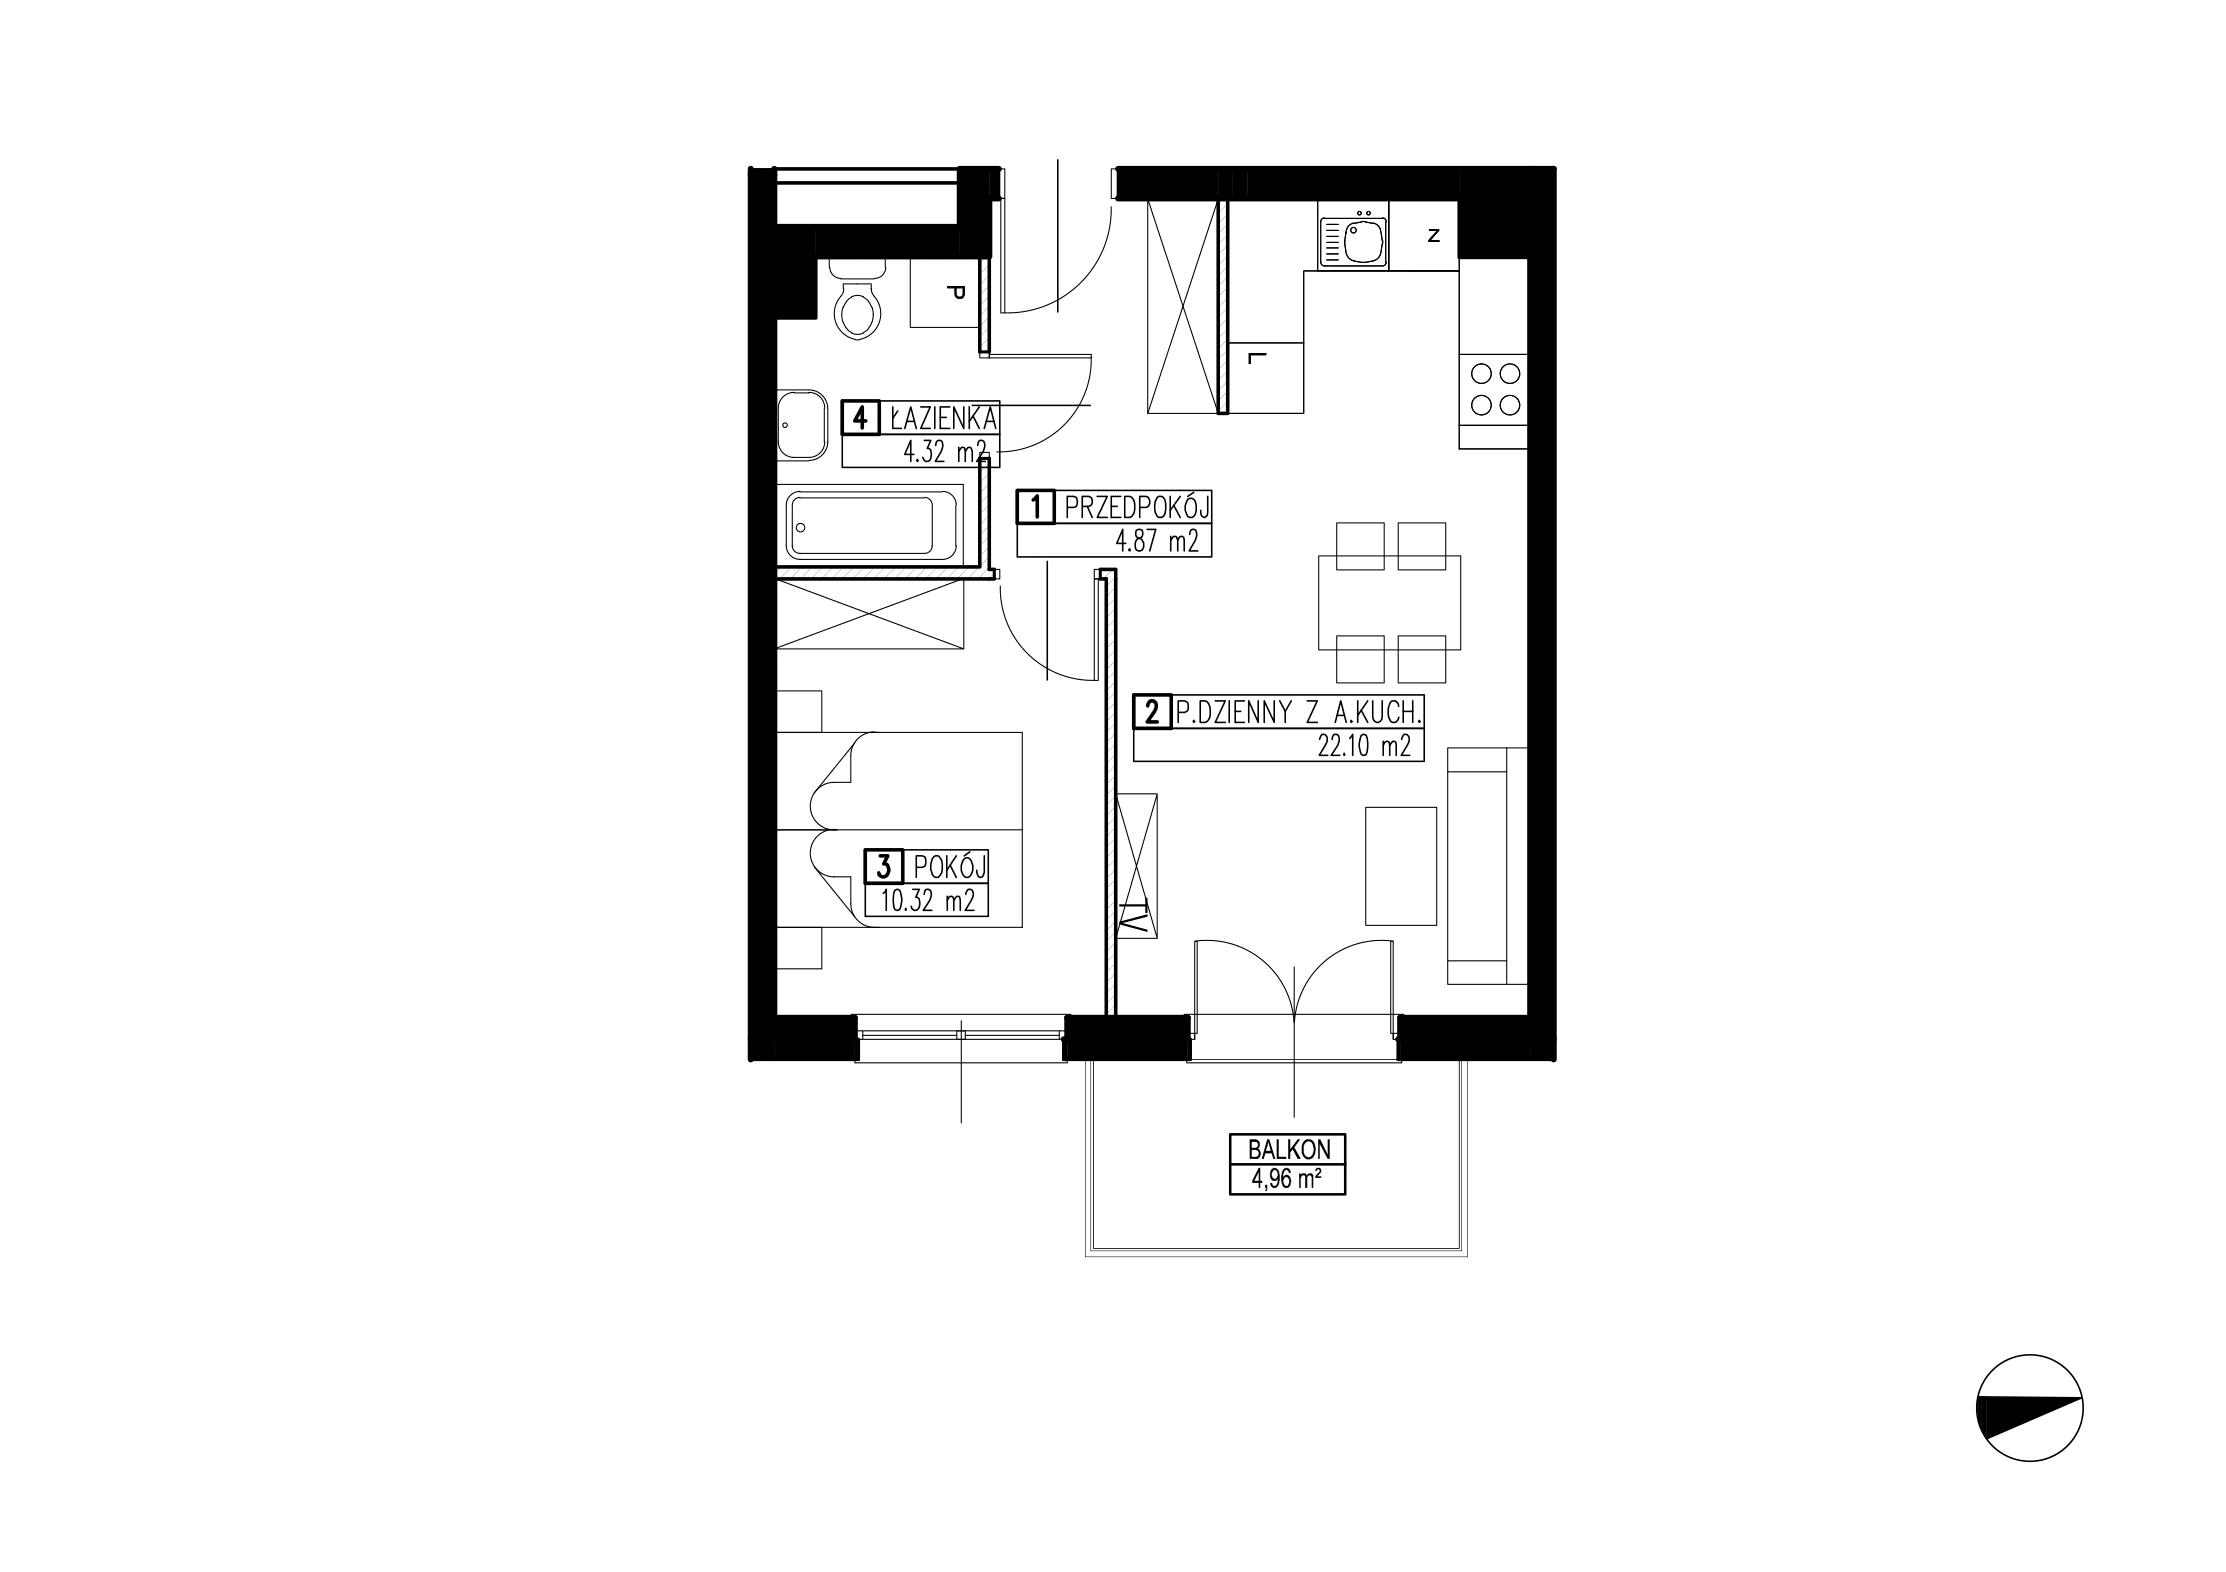 Wojszyckie Alejki / budynek 2 / mieszkanie WA2/B/1/2 rzut 1